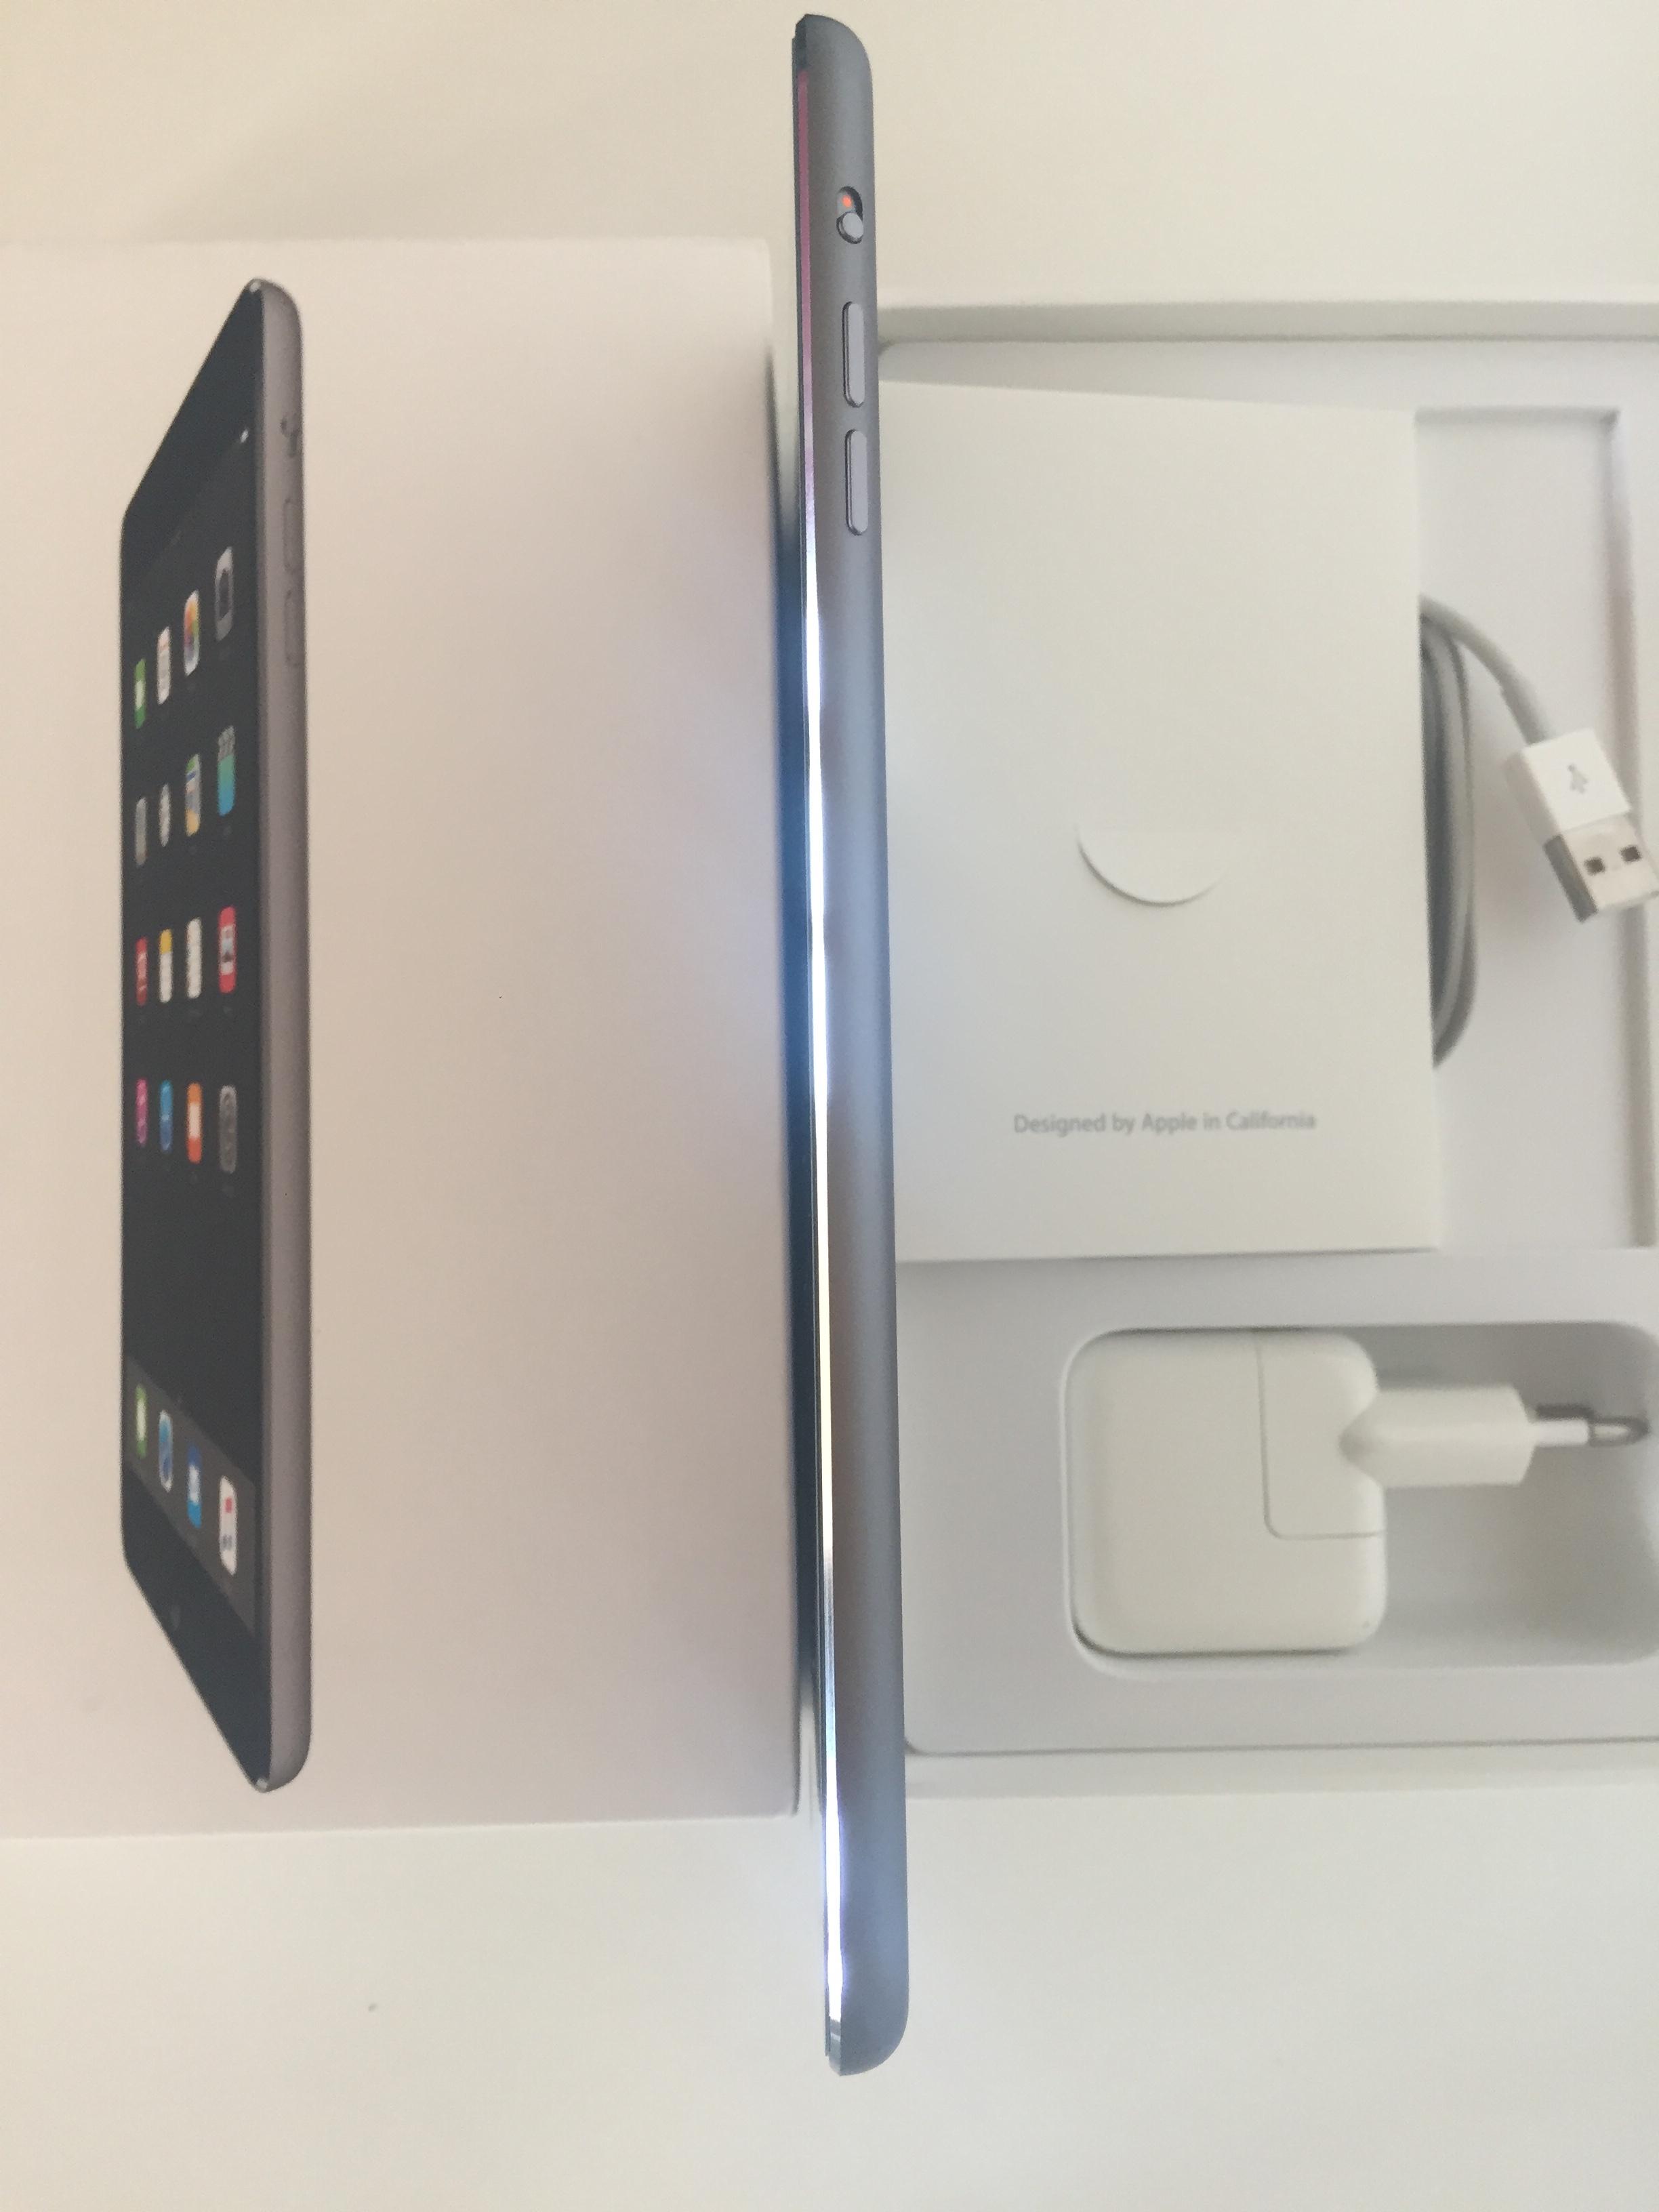 iPad mini 2 Wi-Fi 16GB, 16 GB, GRAY, imagen 4